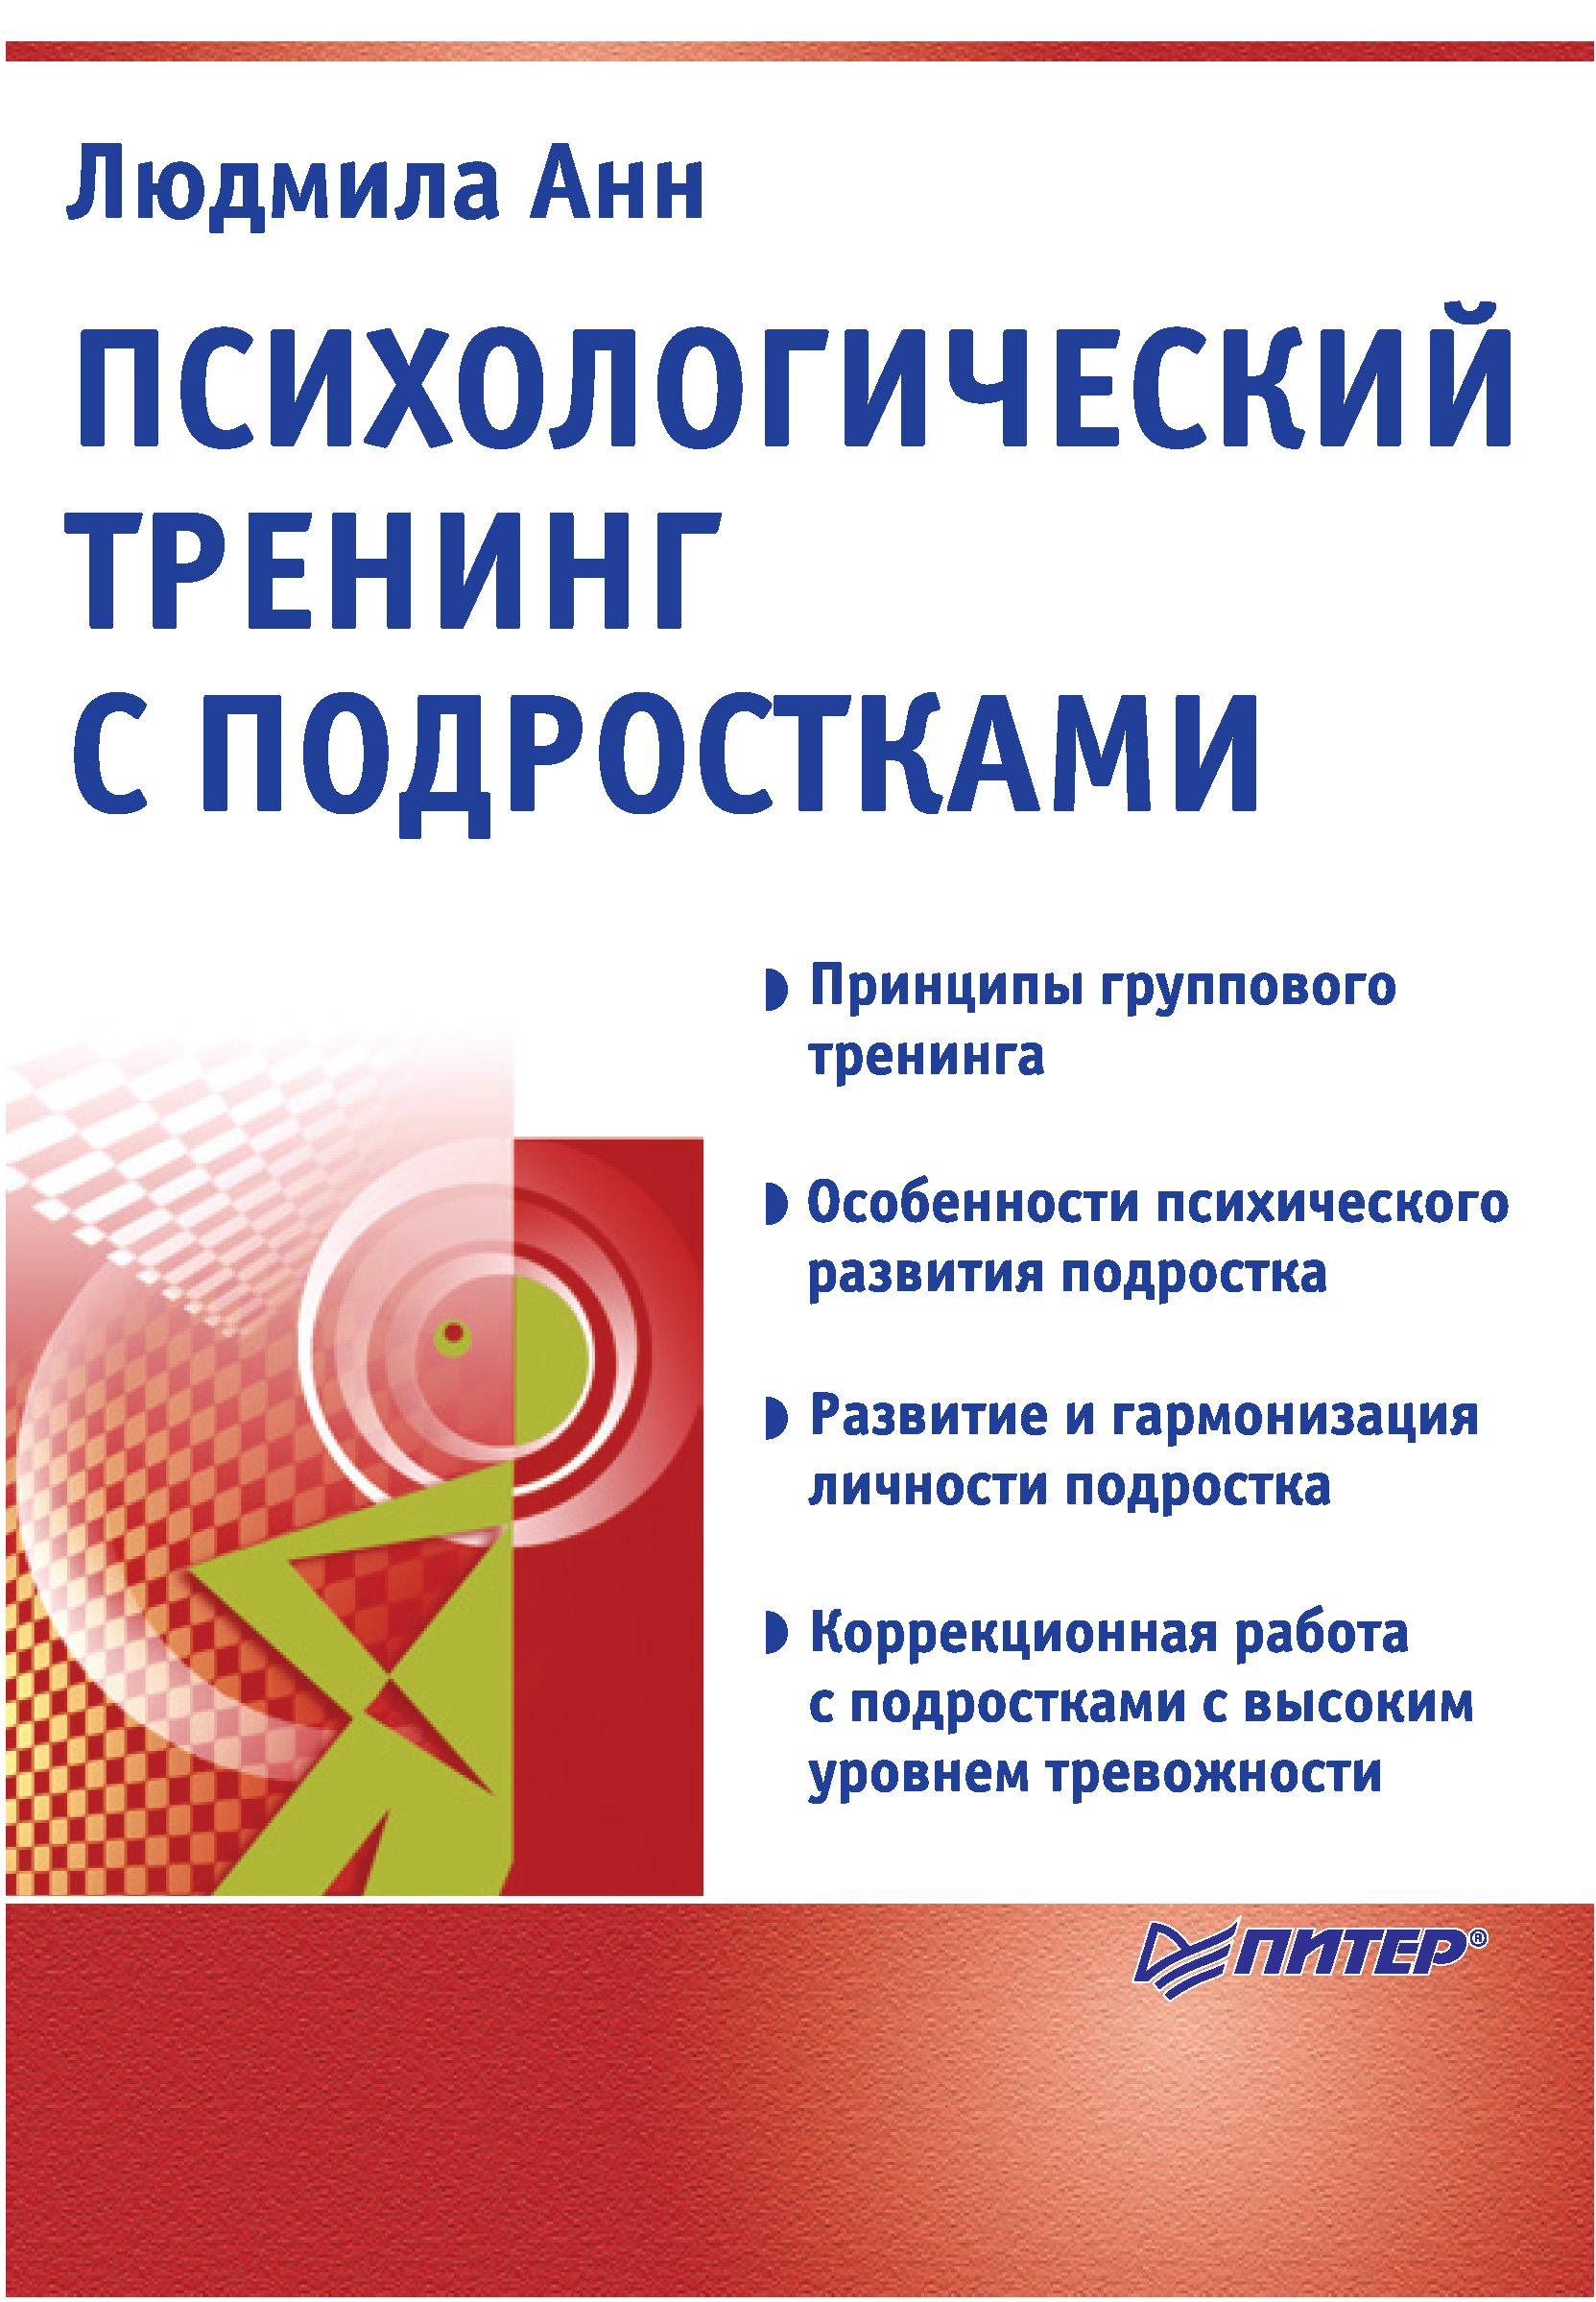 Людмила Анн Психологический тренинг с подростками игорь рызов я всегда знаю что сказать книга тренинг по успешным переговорам